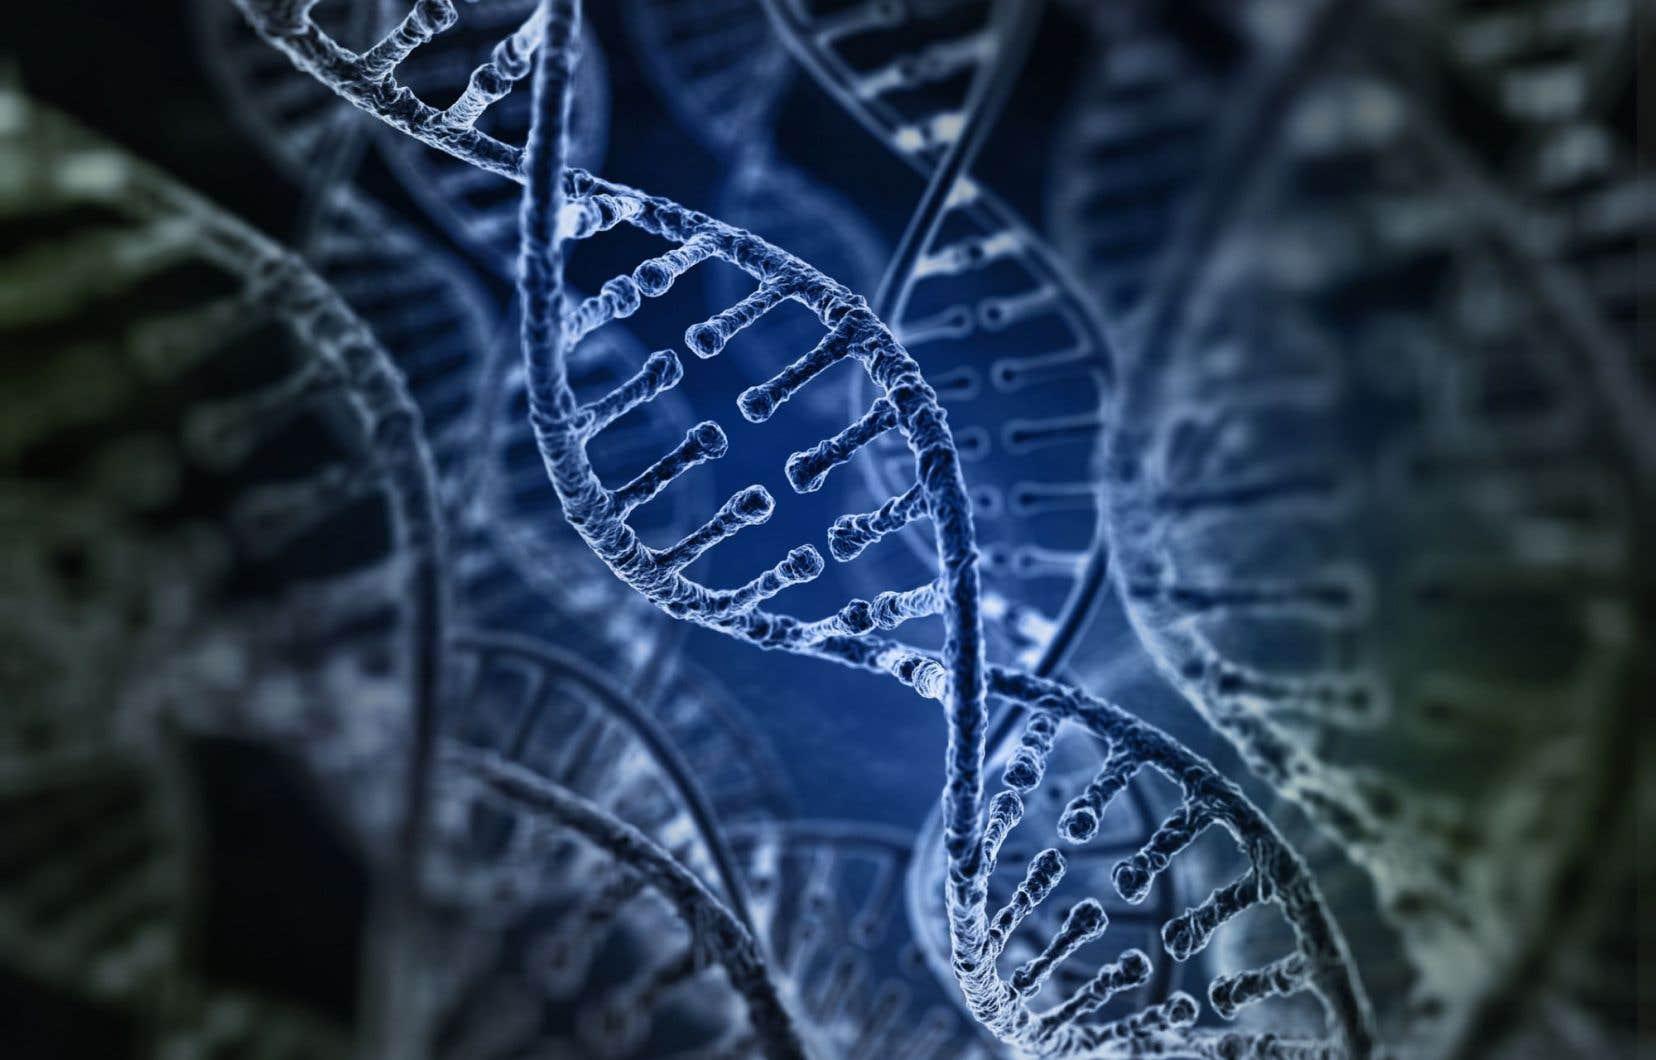 Une personne porteuse de deux copies de l'ApoE4 est estimée être 8 à 12 fois plus à risque d'Alzheimer.